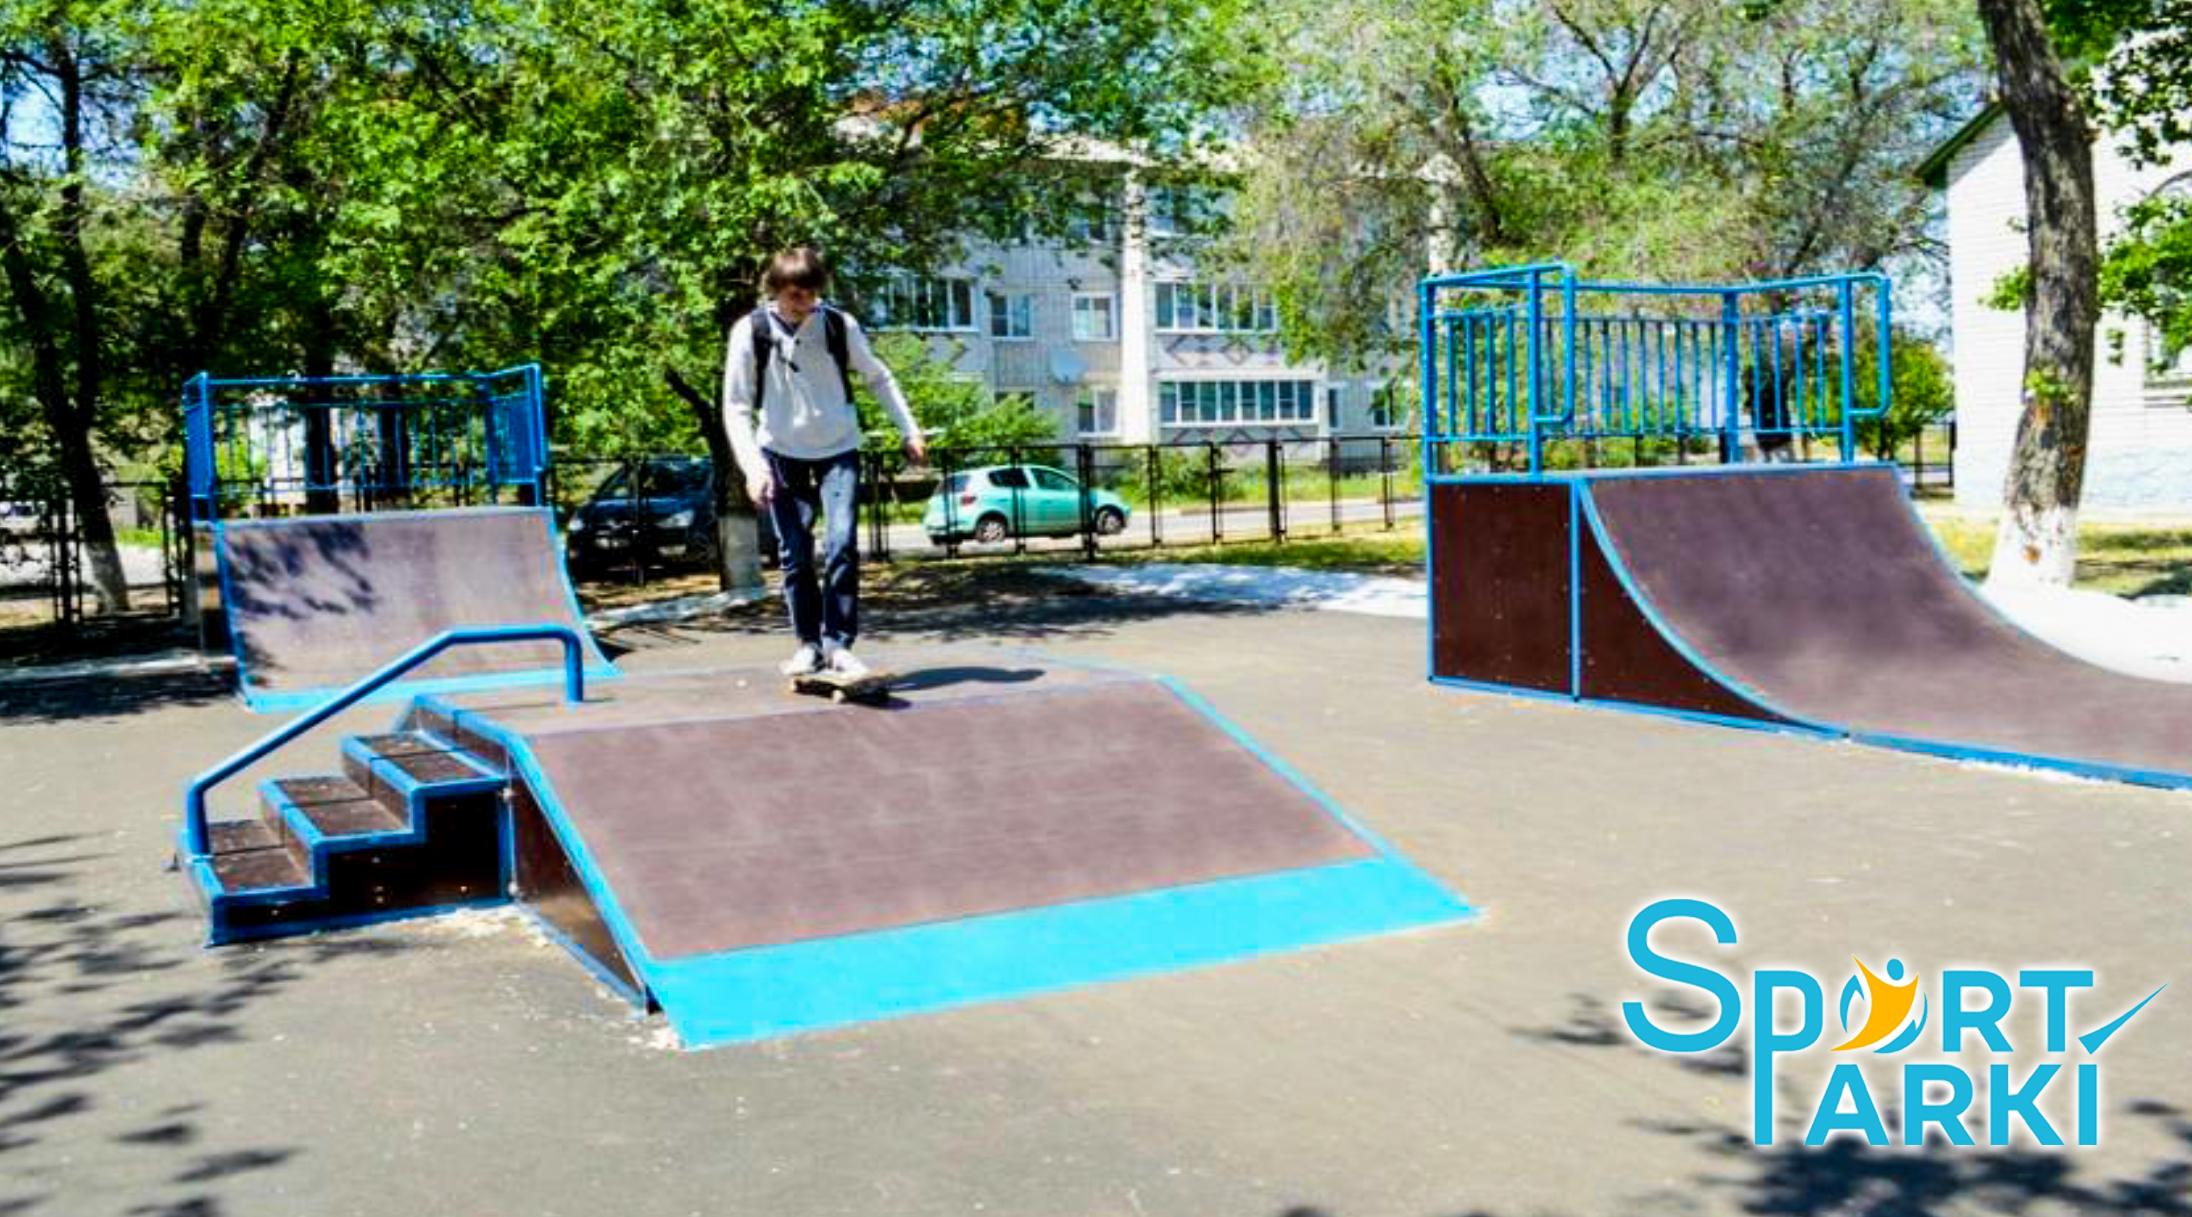 купить скейт-парк в Воронежской области